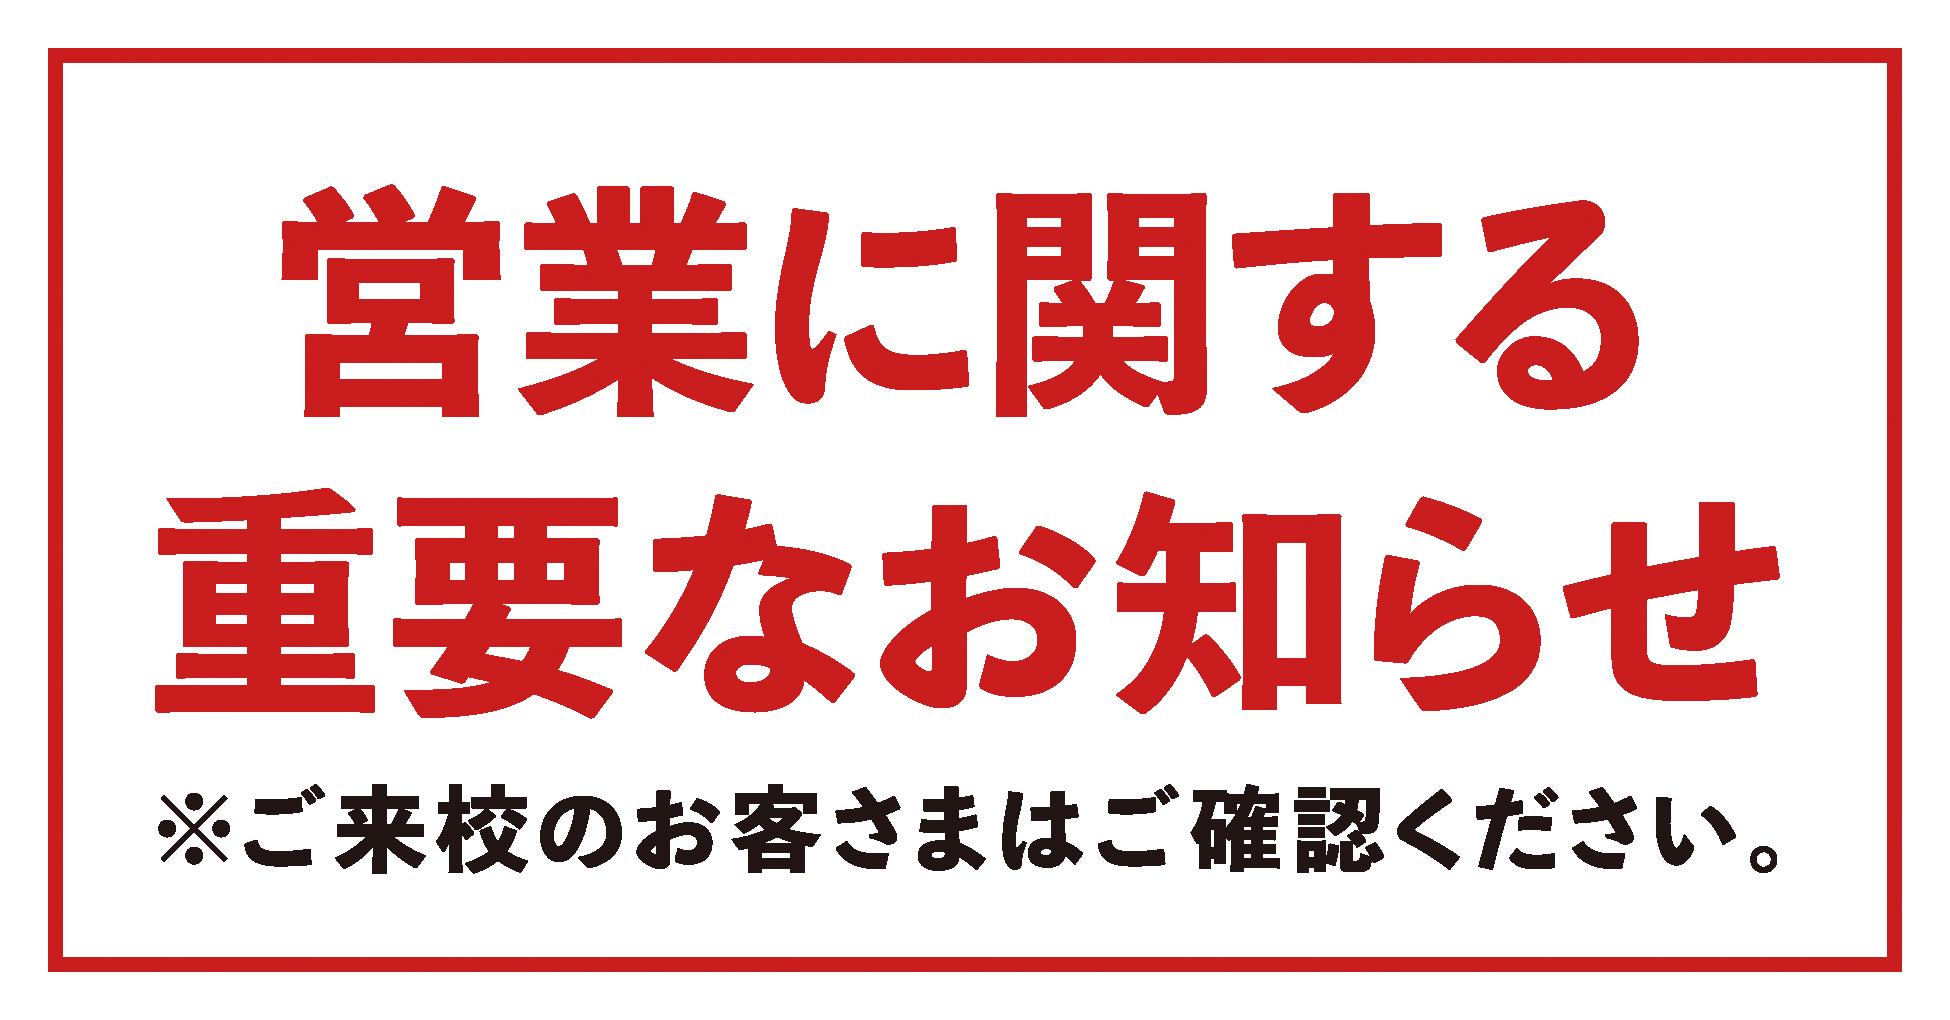 【重要】営業に関するお知らせ